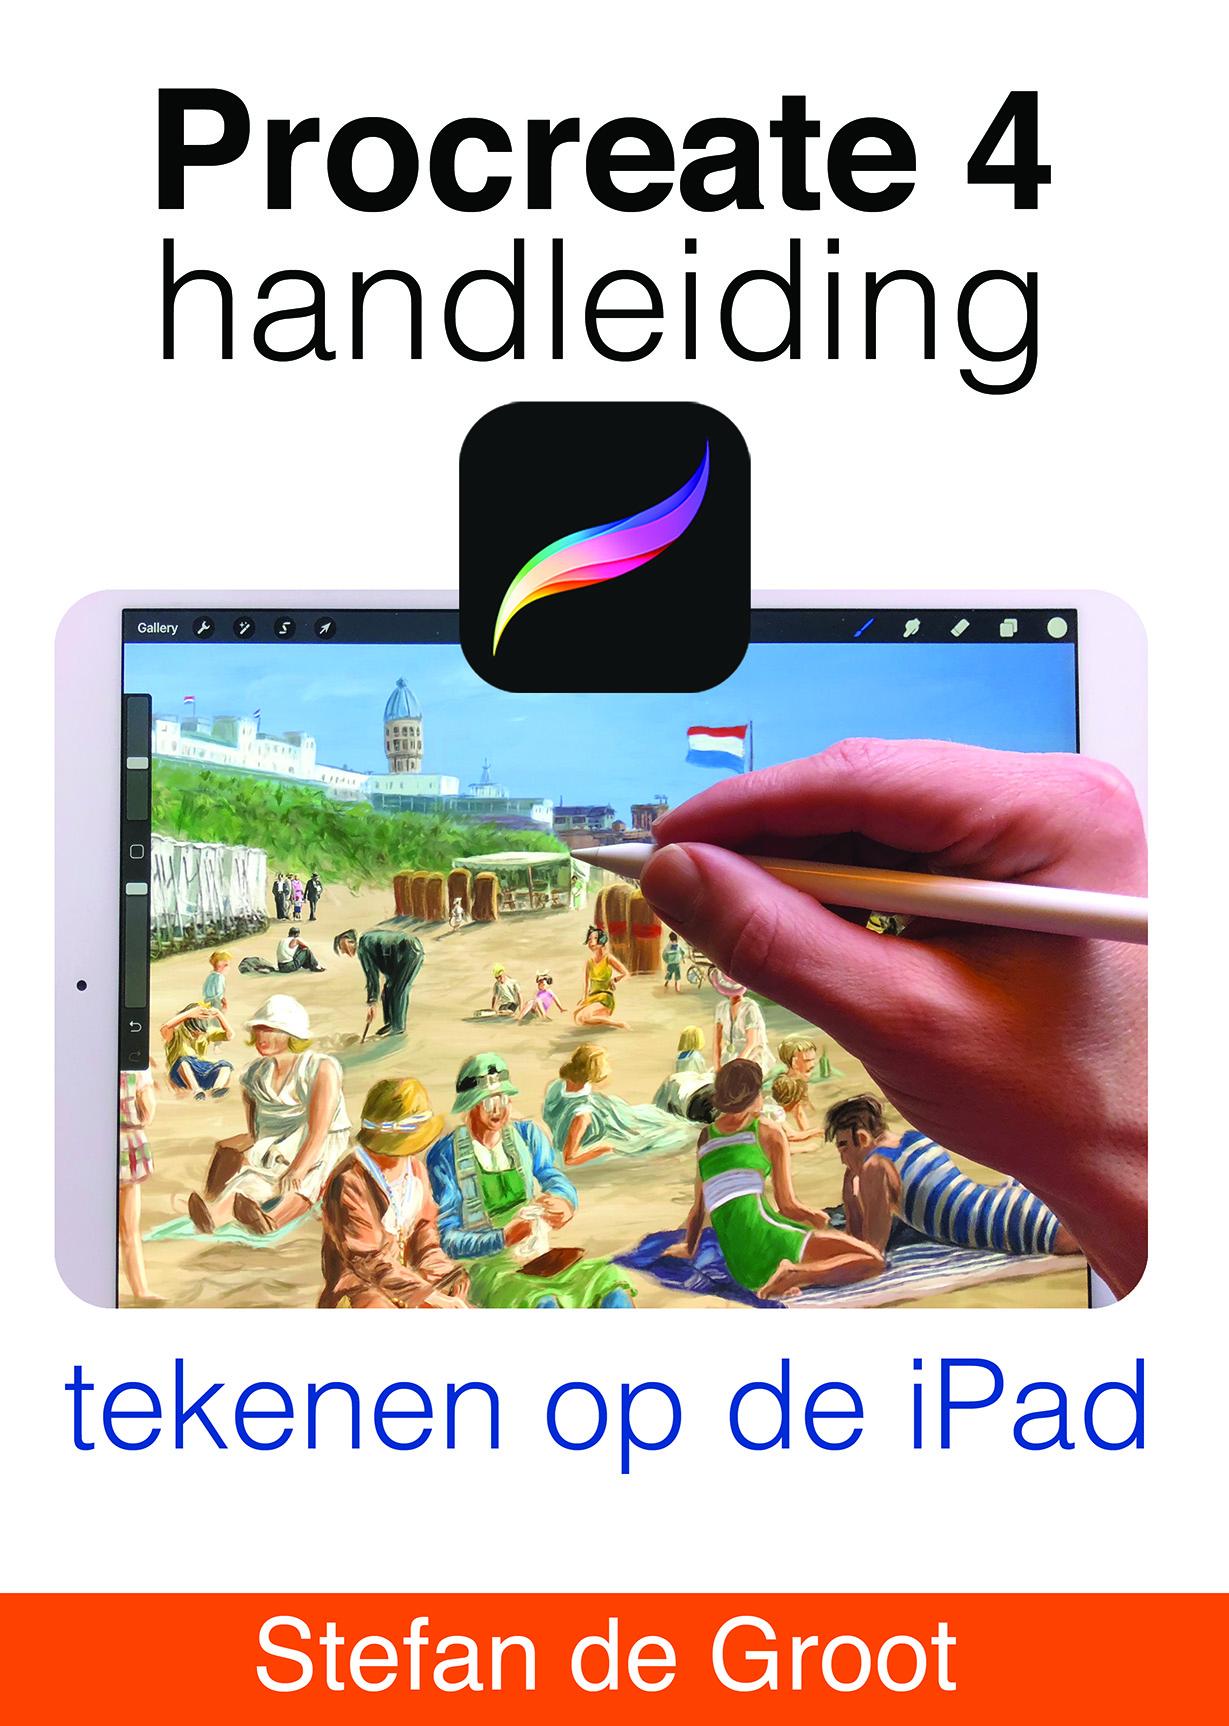 Procreate 4 Handleiding tekenen op de iPad door Stefan de Groot